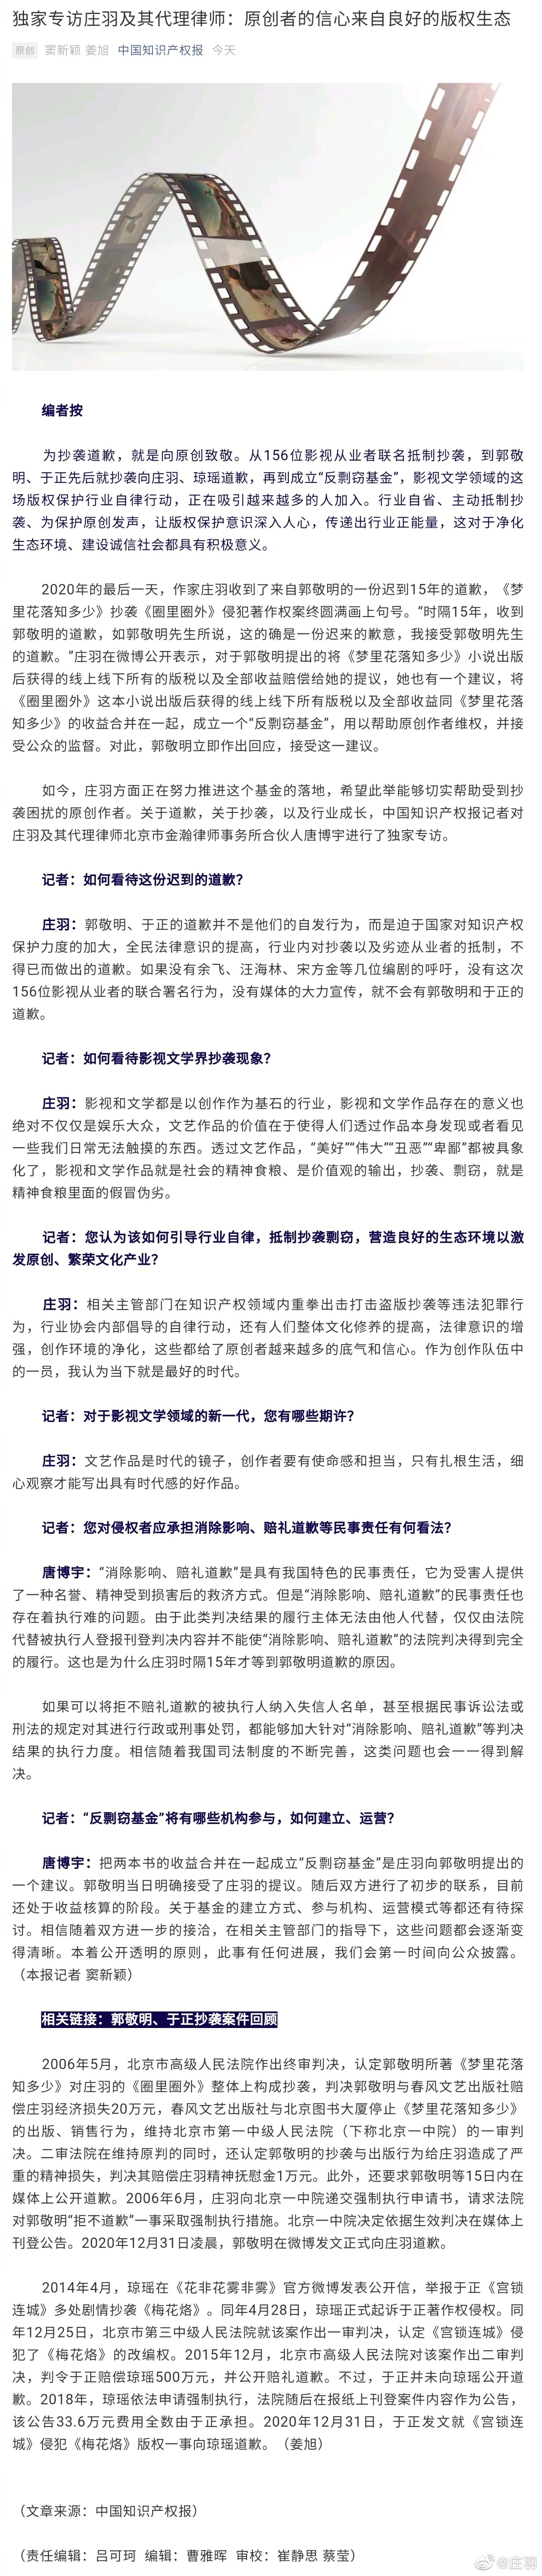 庄羽公开谈郭敬明和于正道歉:迫于压力并非自发